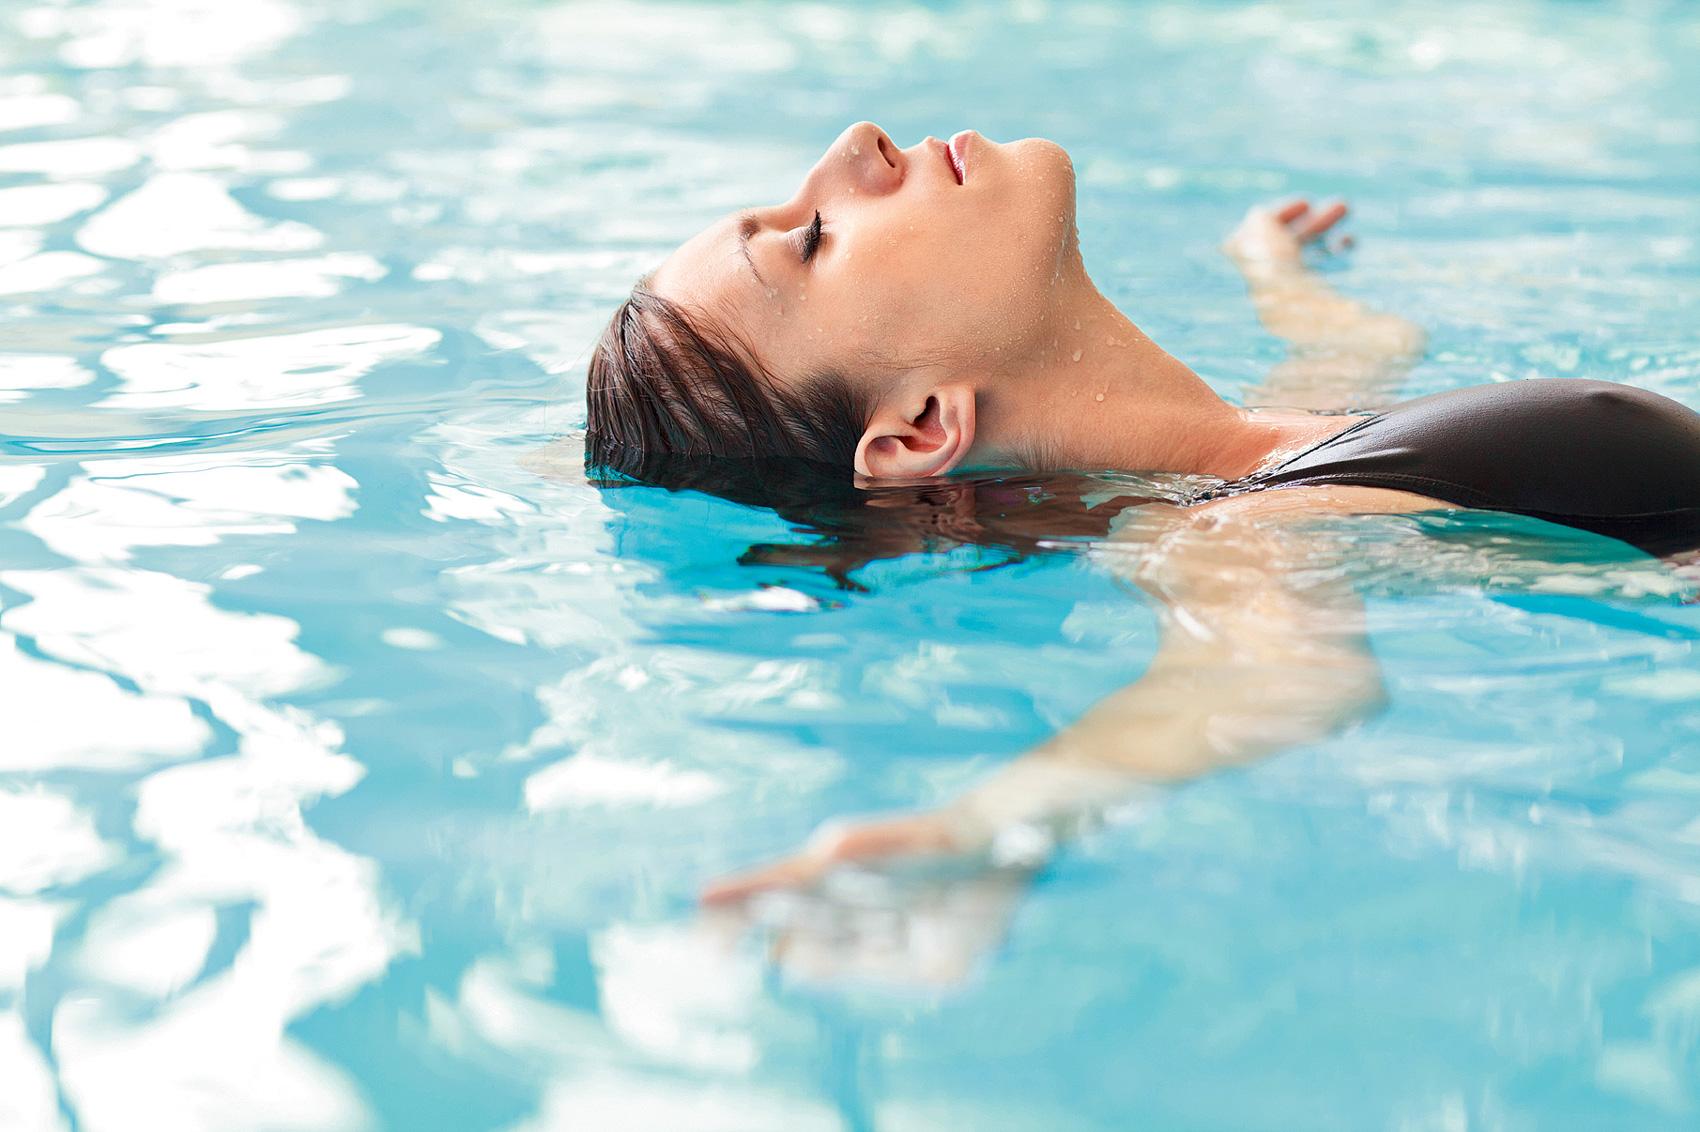 Luxe piscine pour mincir piscine for Sport en piscine pour maigrir